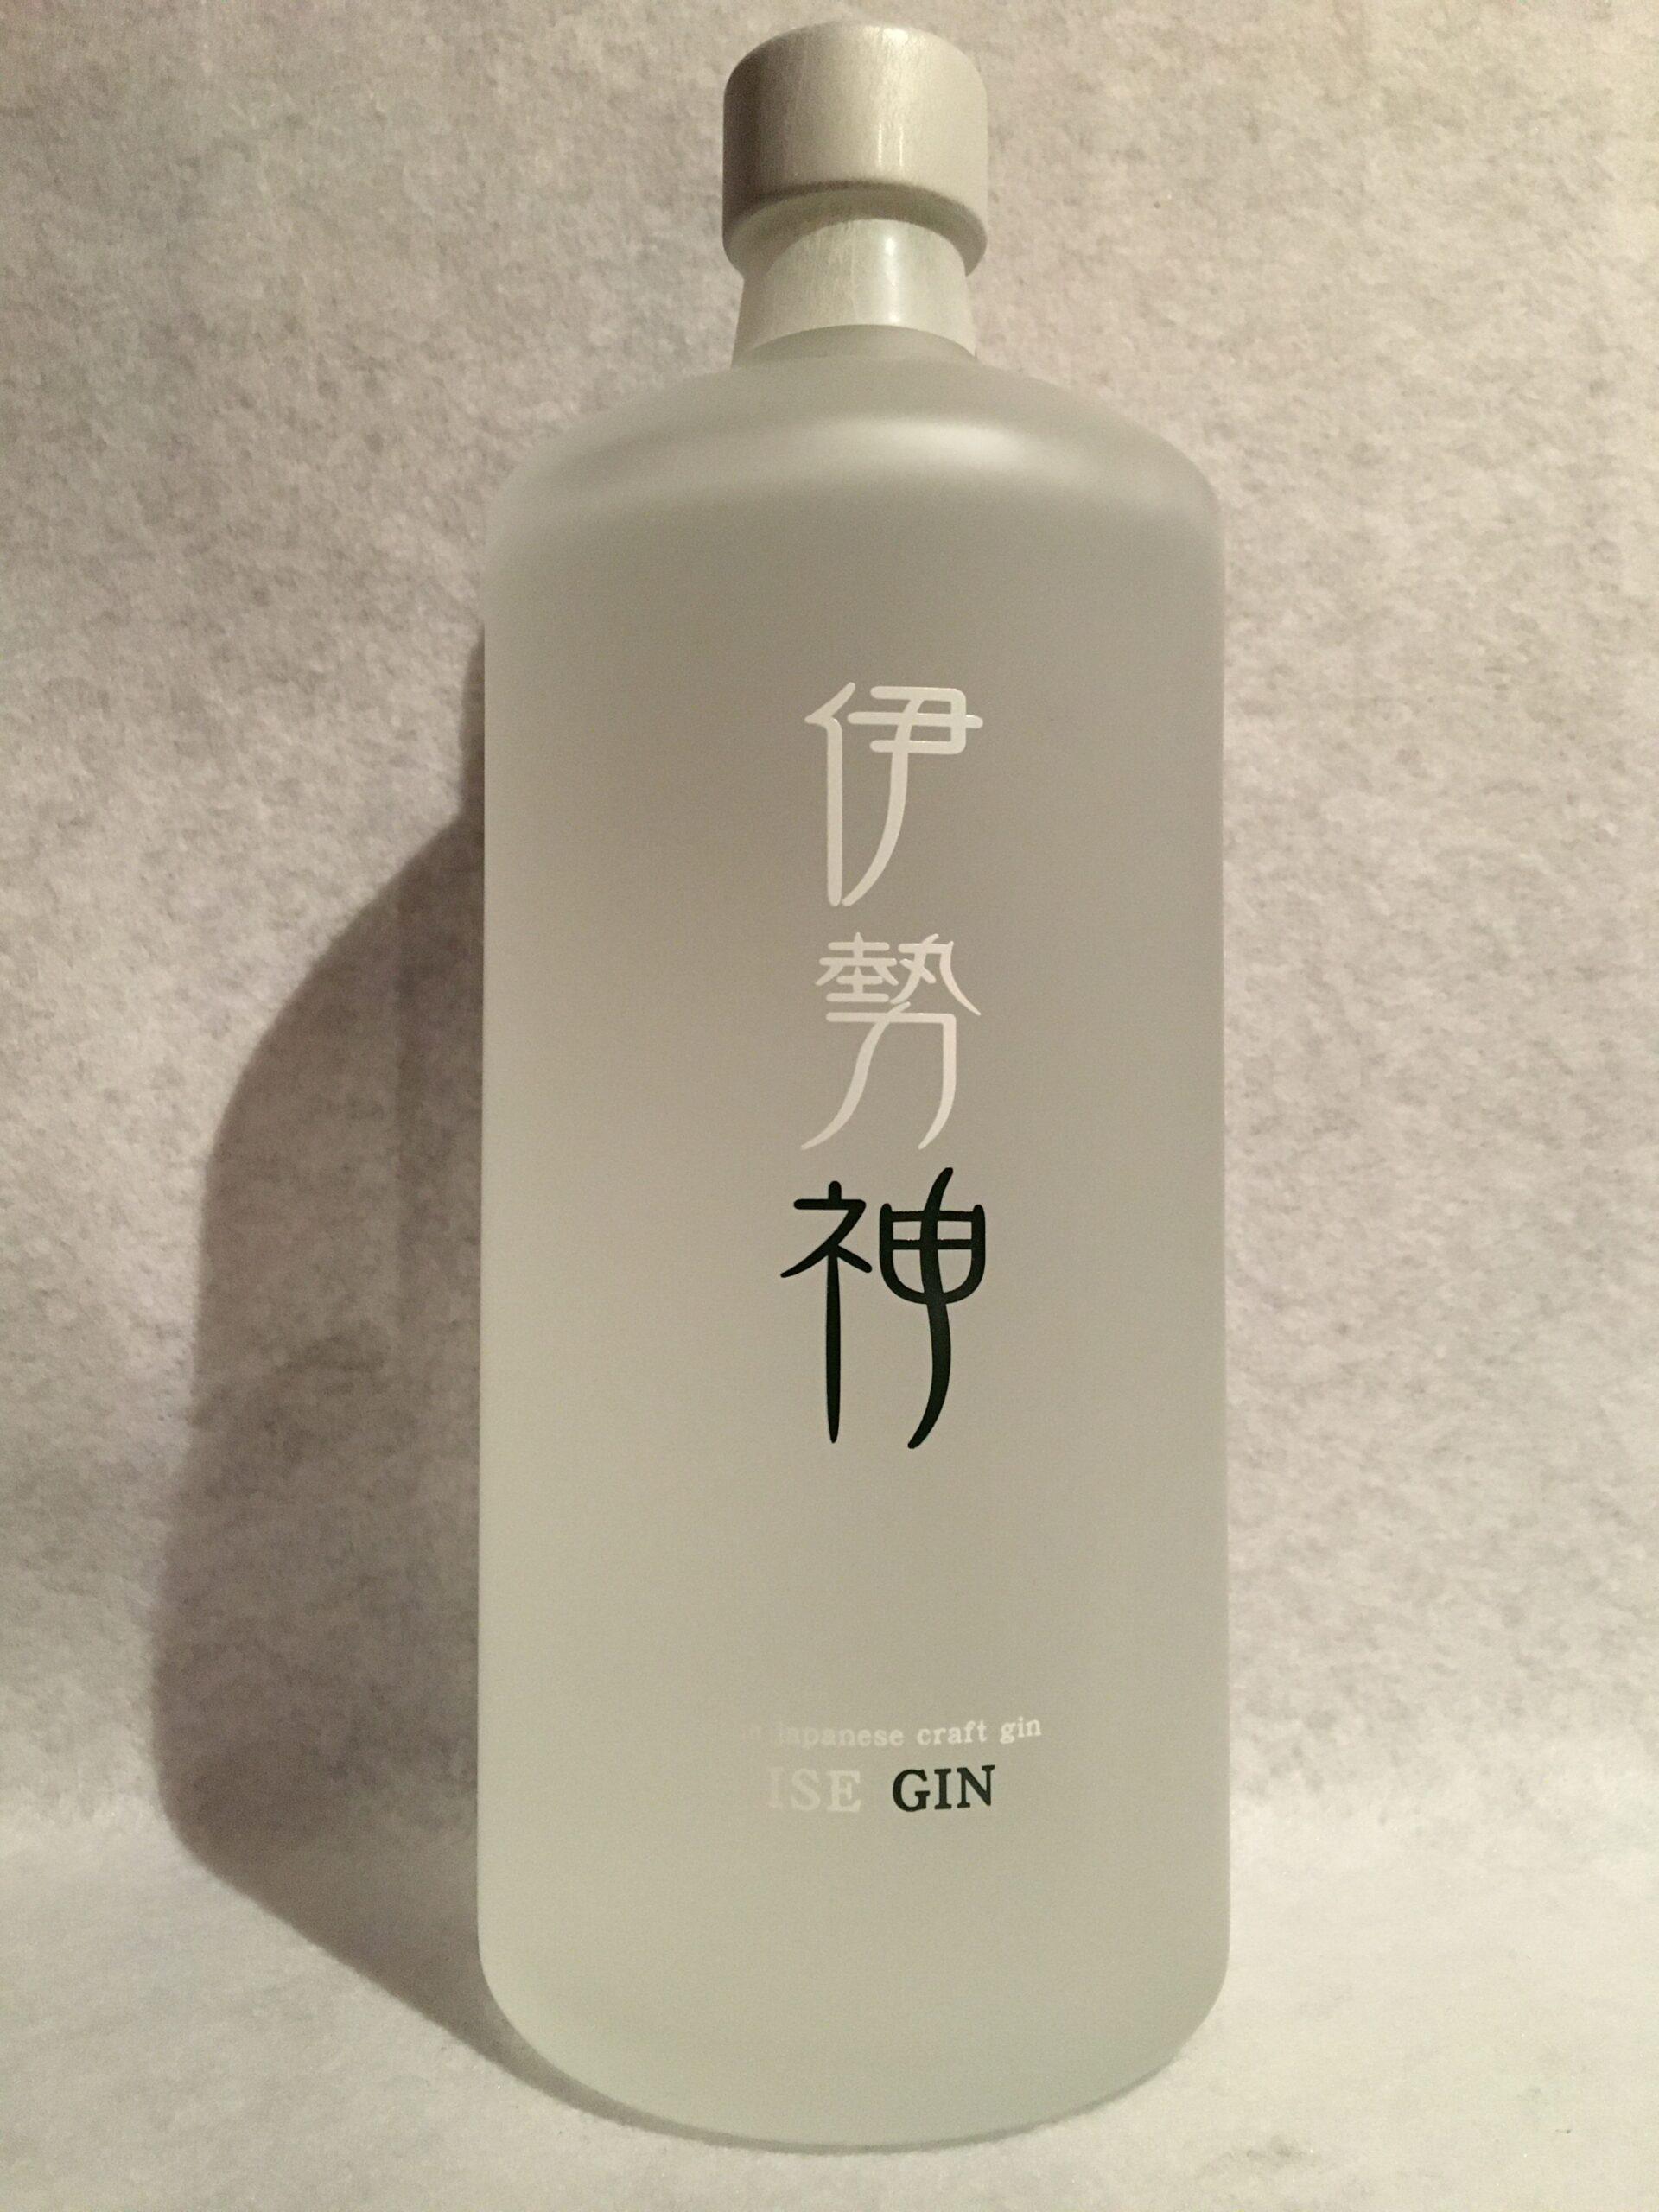 伊勢神 ISE GIN(三重)